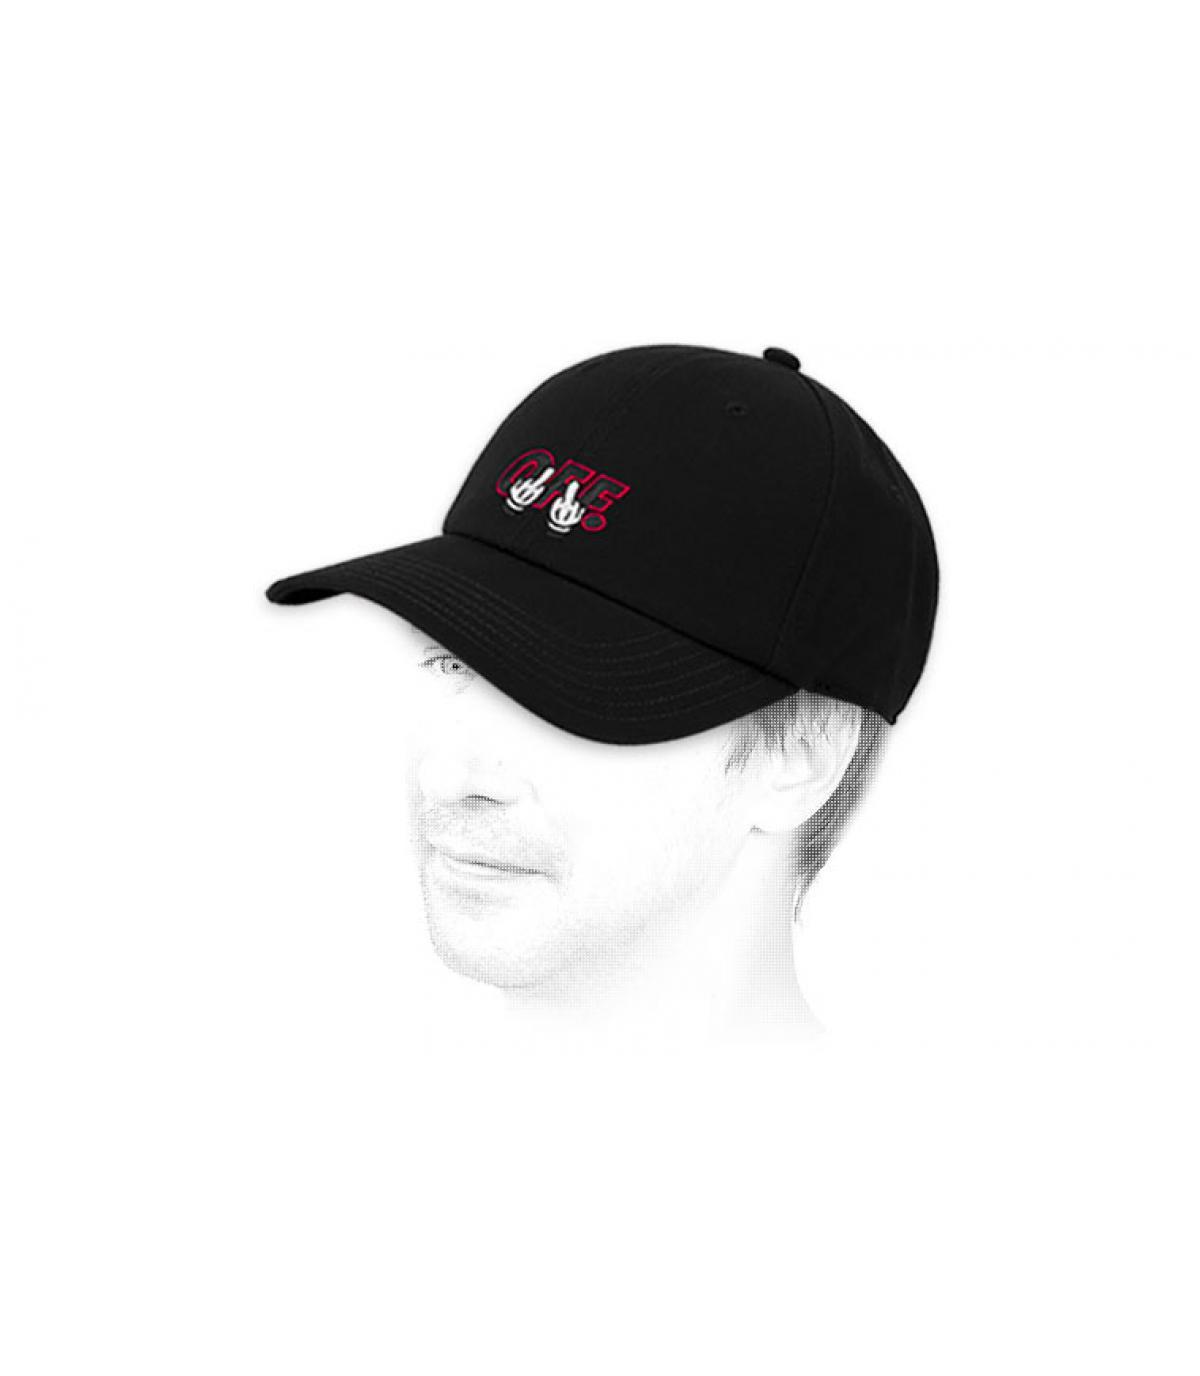 35610194e8c87 Gorra beisbol - Compra venta de Gorras beisbol. Primera sombrerería ...